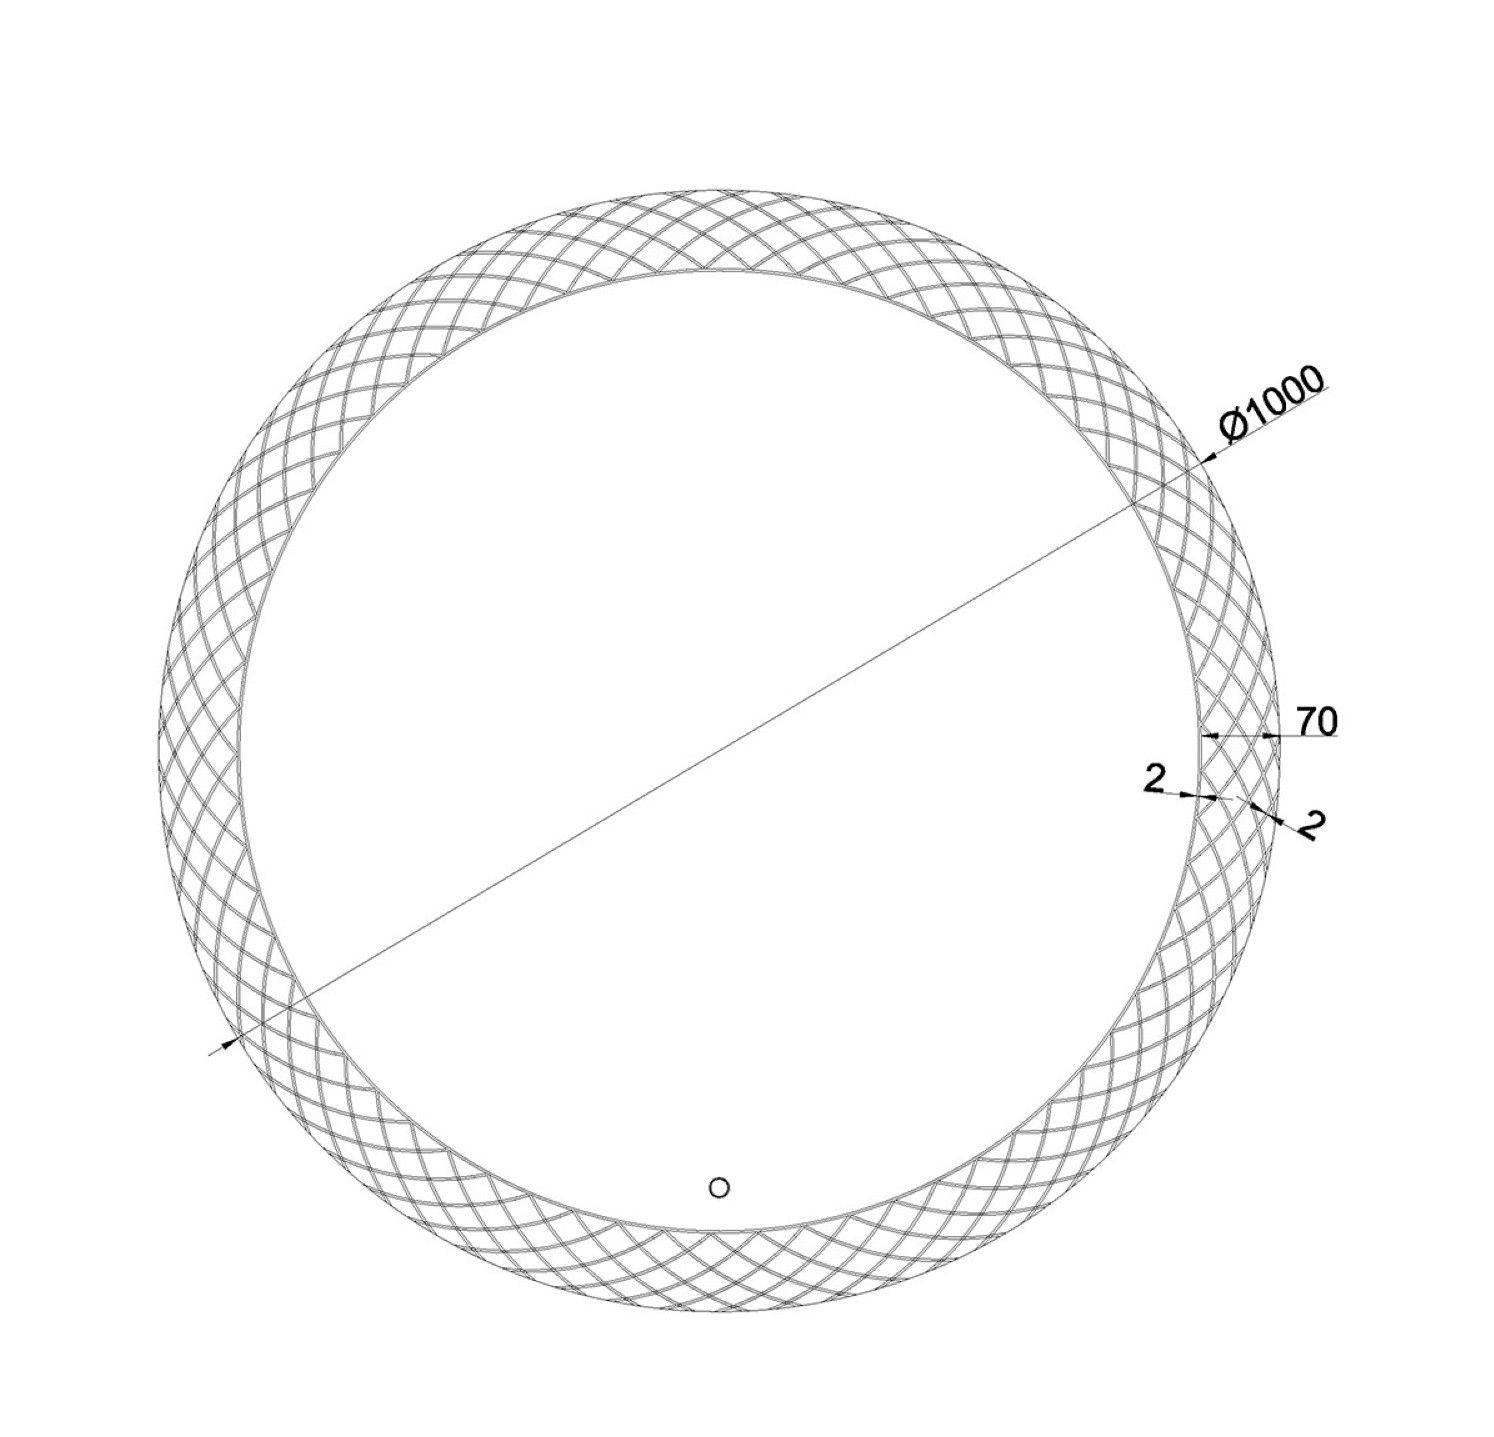 https://www.tegelensanitairmagazijn.nl/74078/badkamerspiegel-wiesbaden-deco-rond-met-led-verlichting-condensvrij-100-cm.jpg